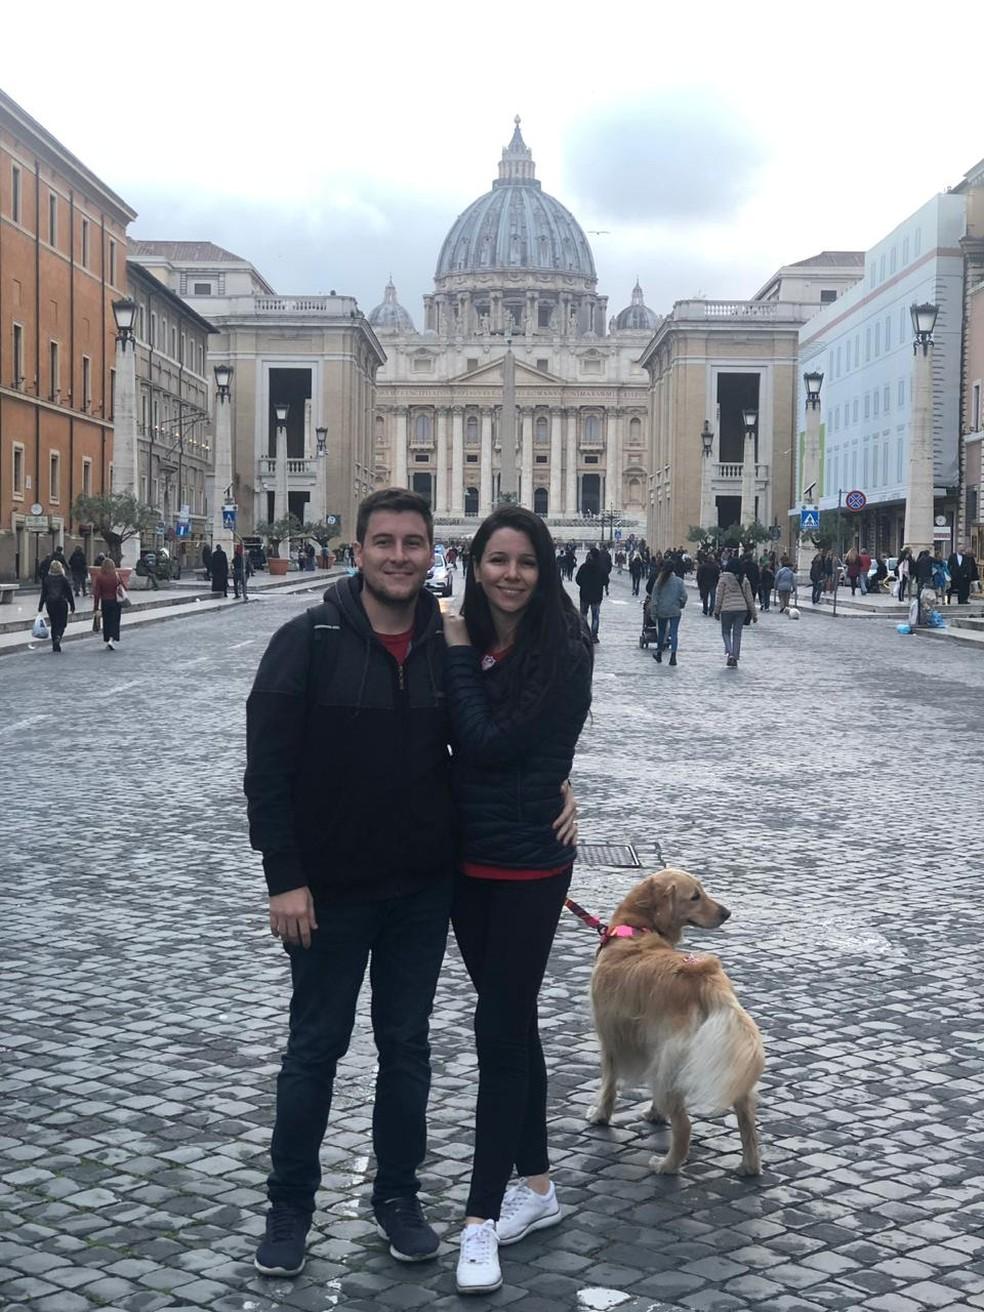 Família no Vaticano — Foto: Talita Meurer Alberti/ Arquivo pessoal